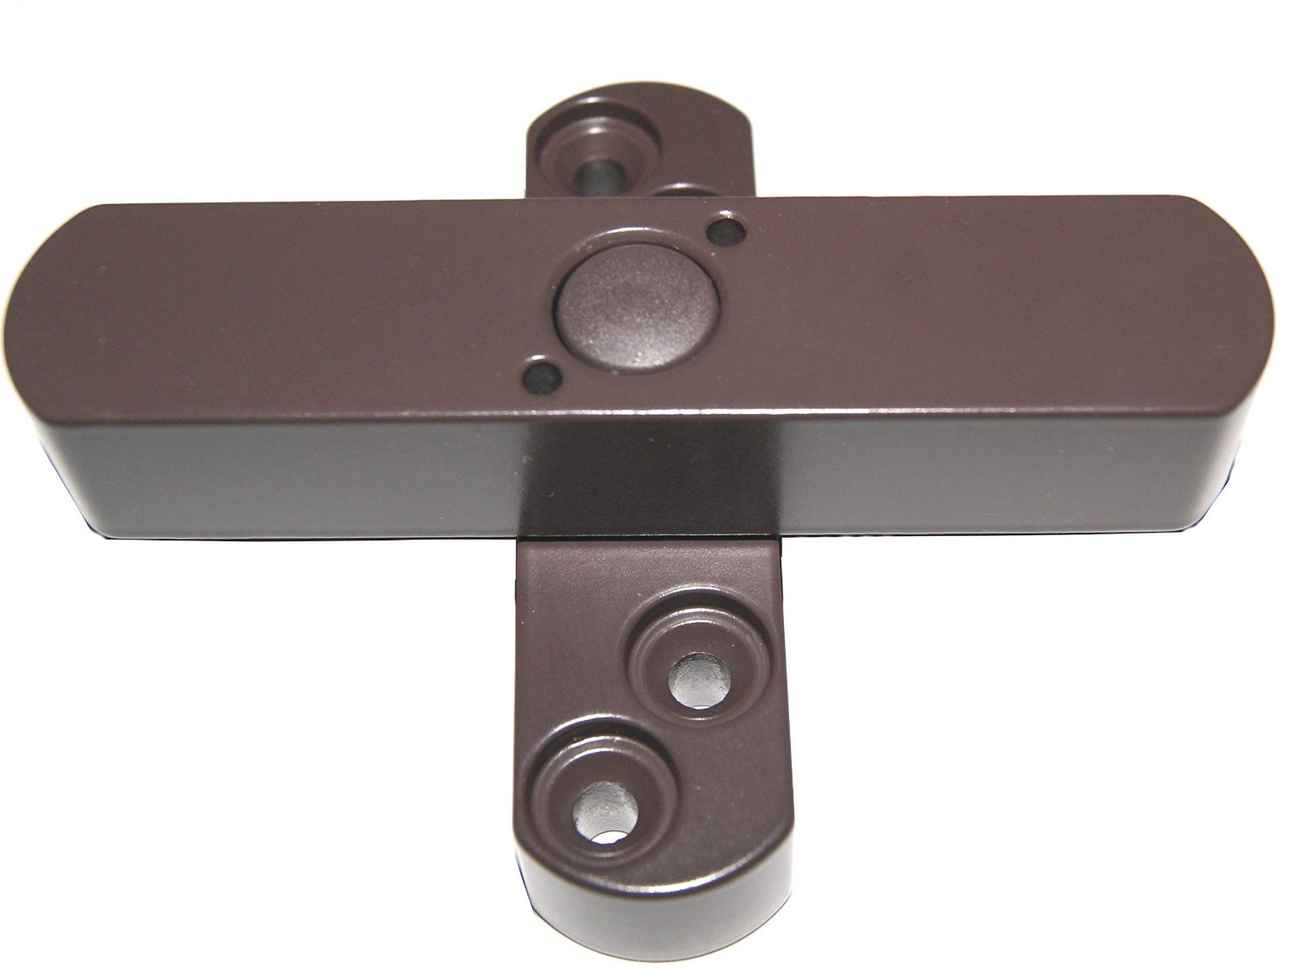 Bever Fenstersicherung Stuco-Safe 21SB für Fenster mit 2 Flügeln - braun – Bild 1